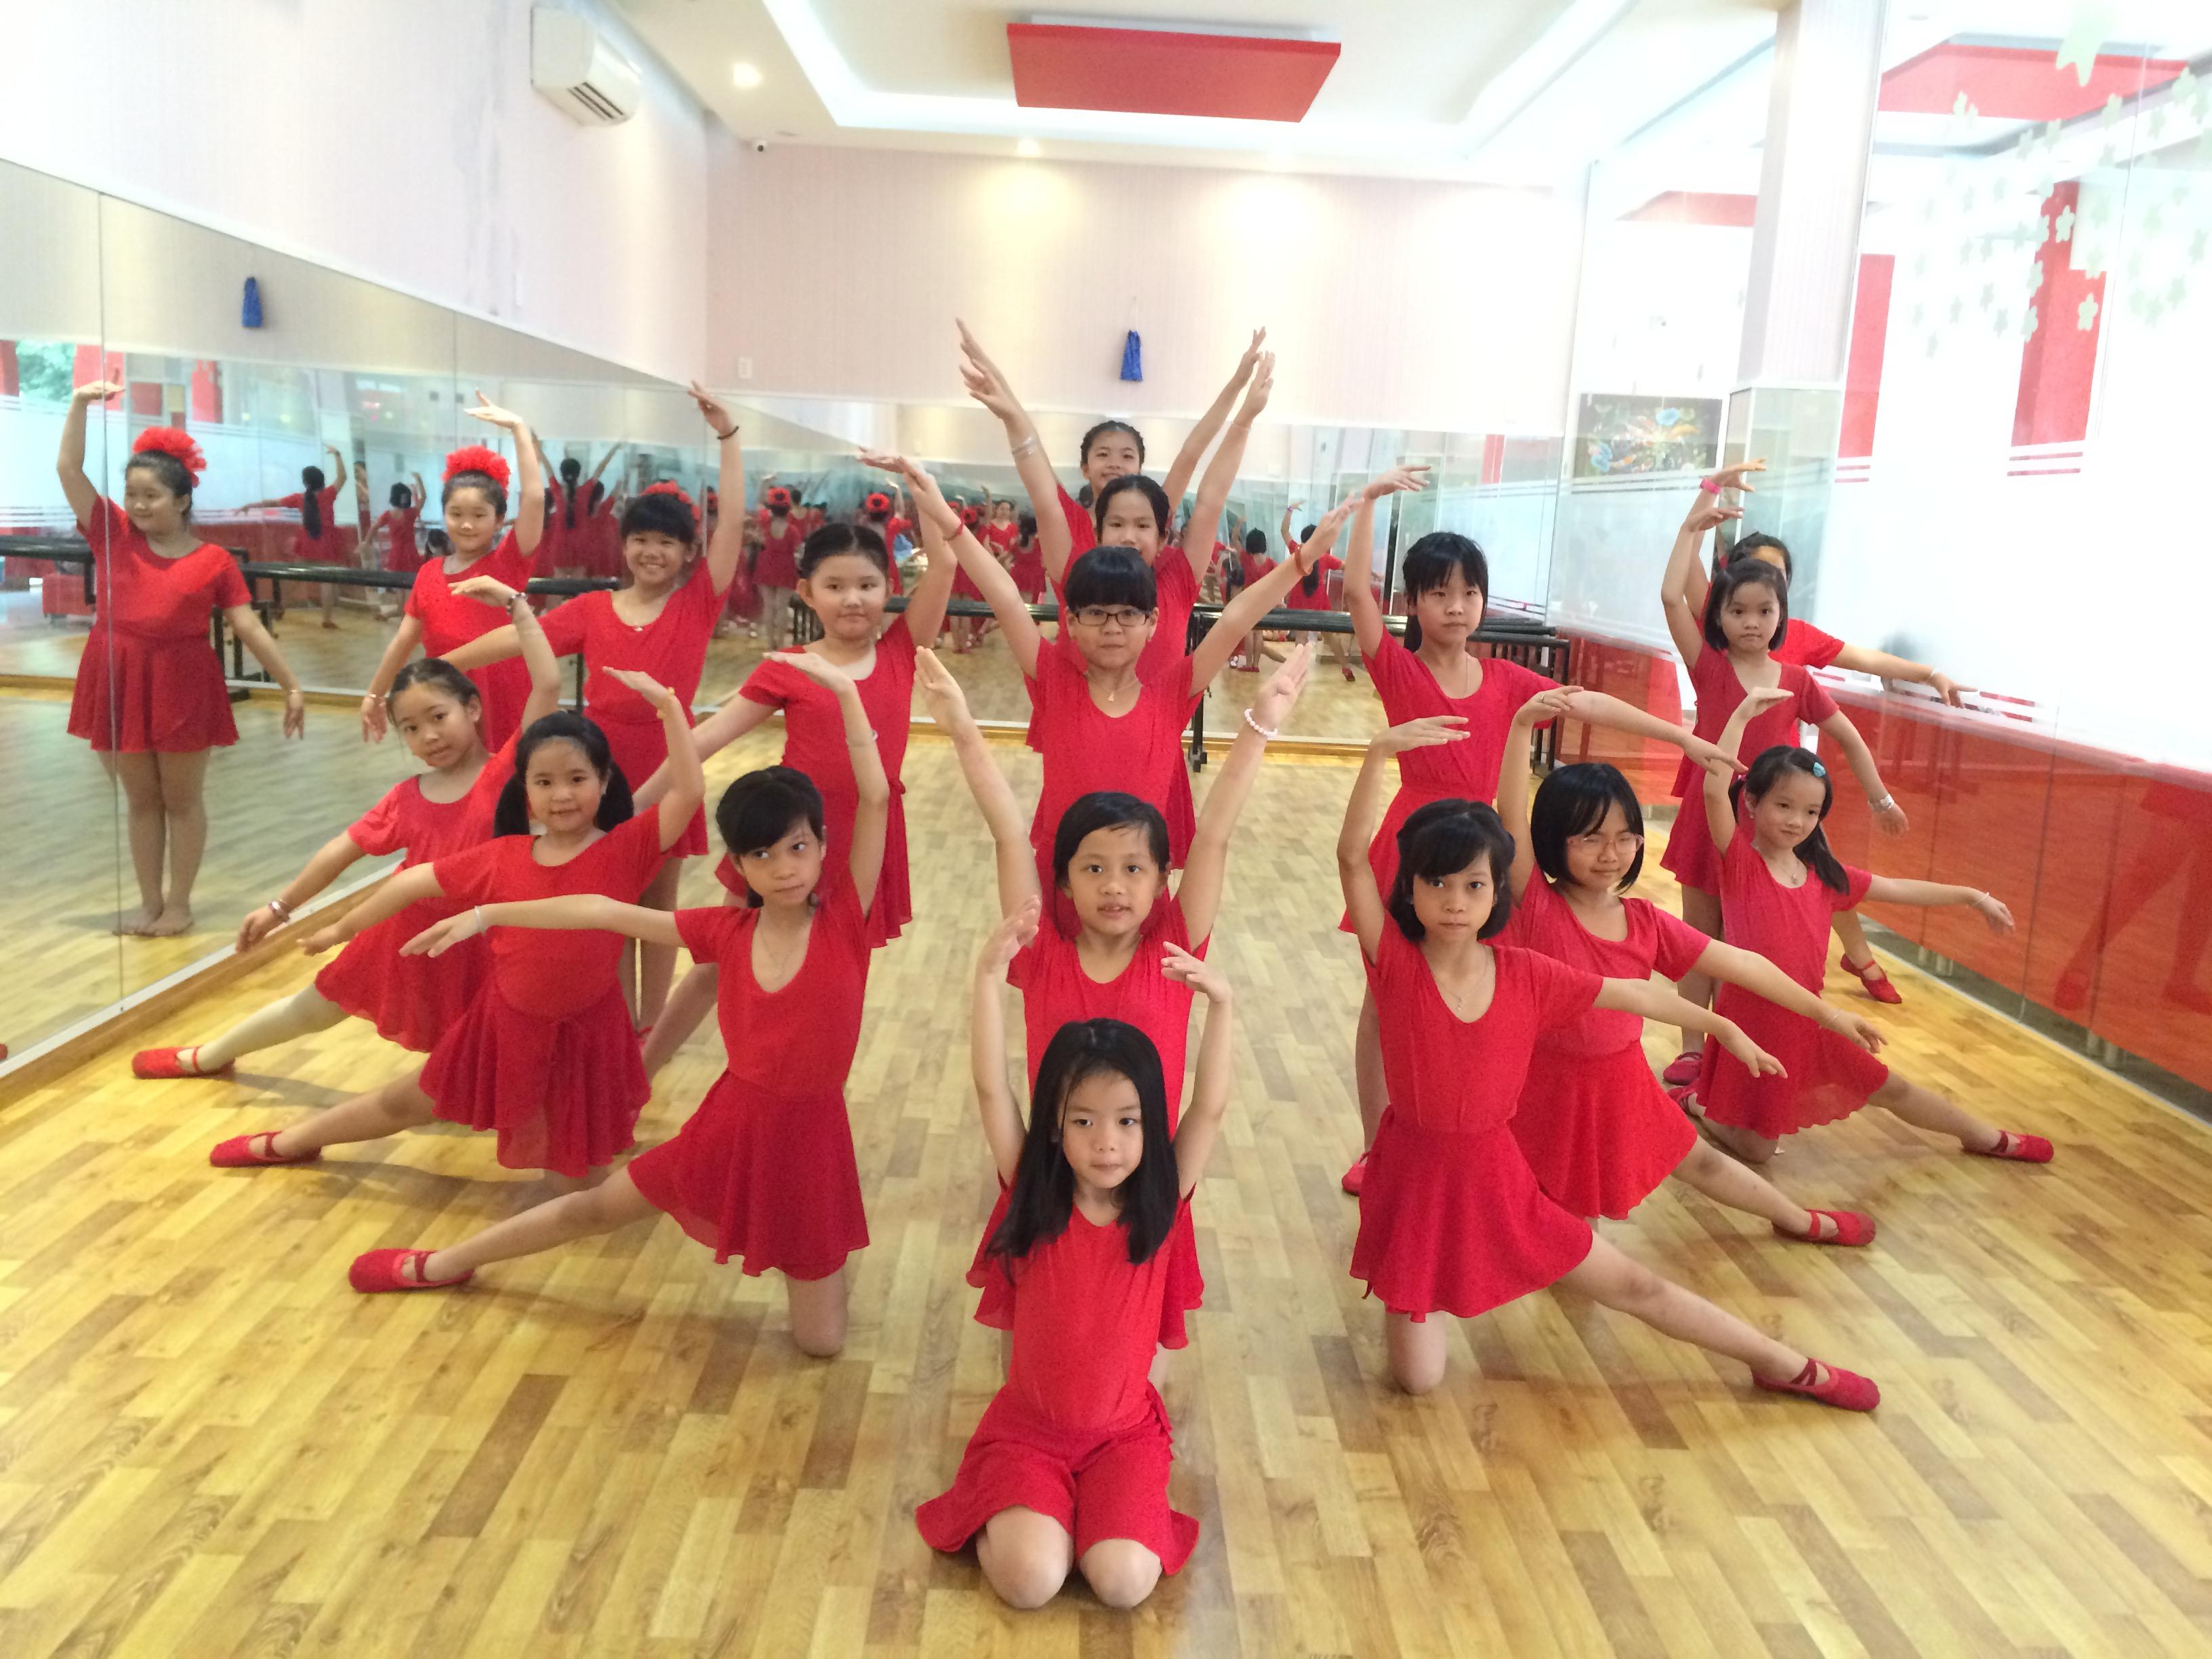 Chuyên đào tạo lớp múa tổng hợp: Ballet - dân gian - đương đại thiếu nhi